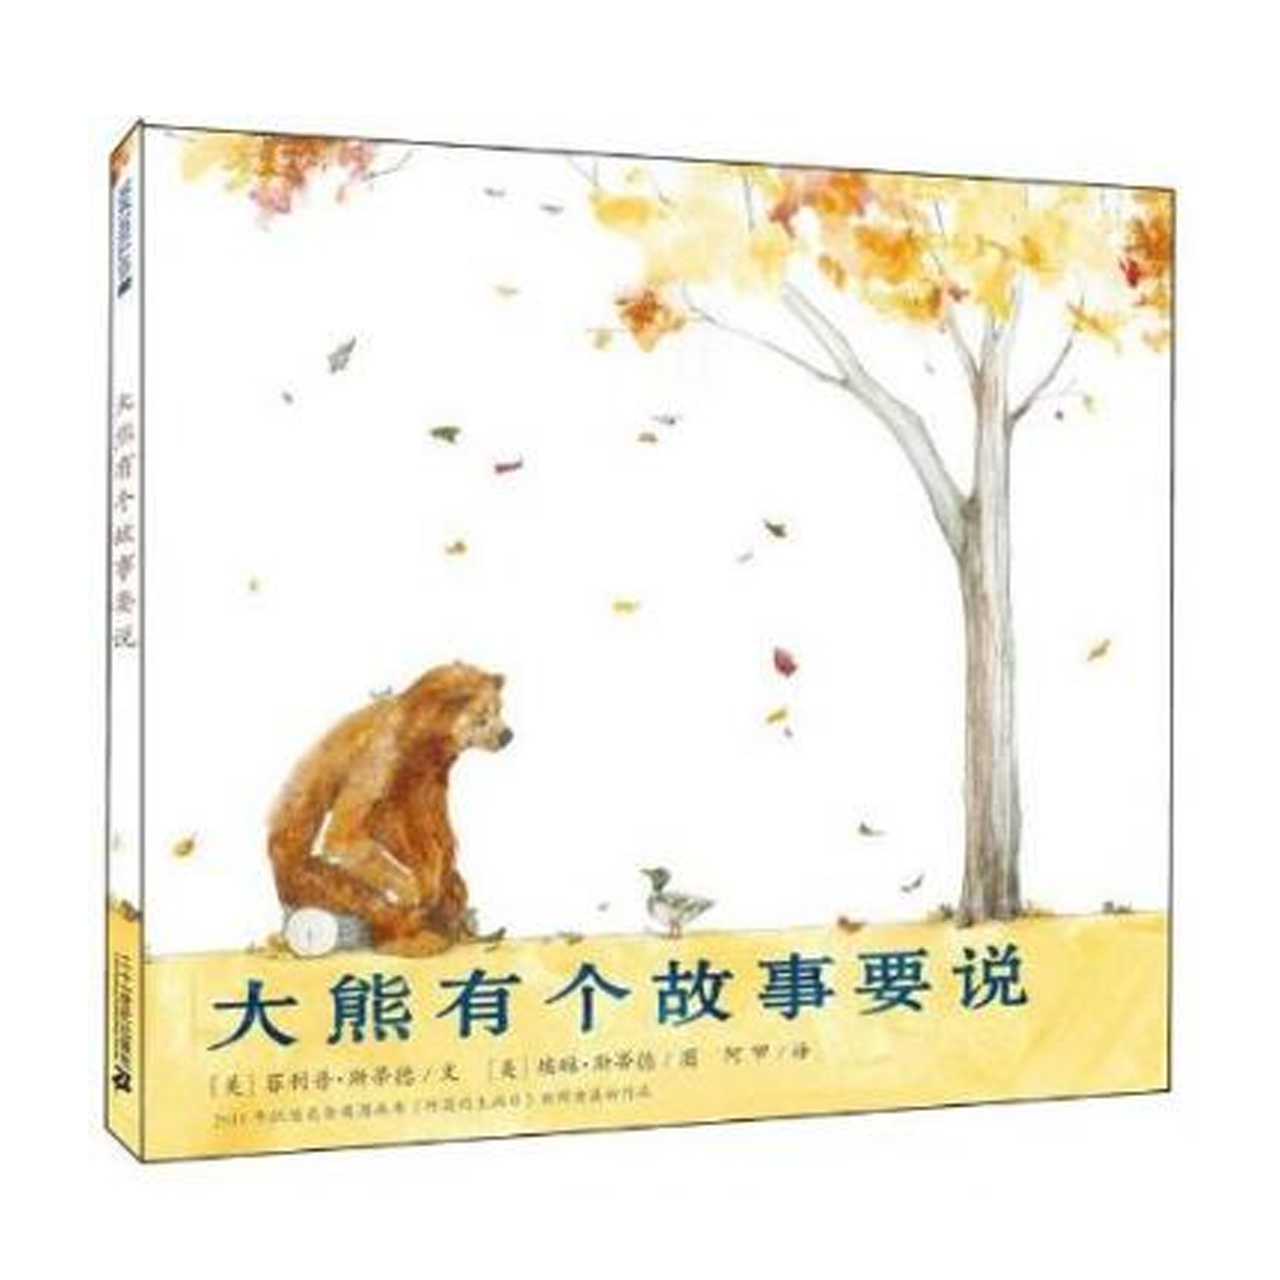 大熊有个故事要说 【儿童绘本/翻译绘本/有趣故事】